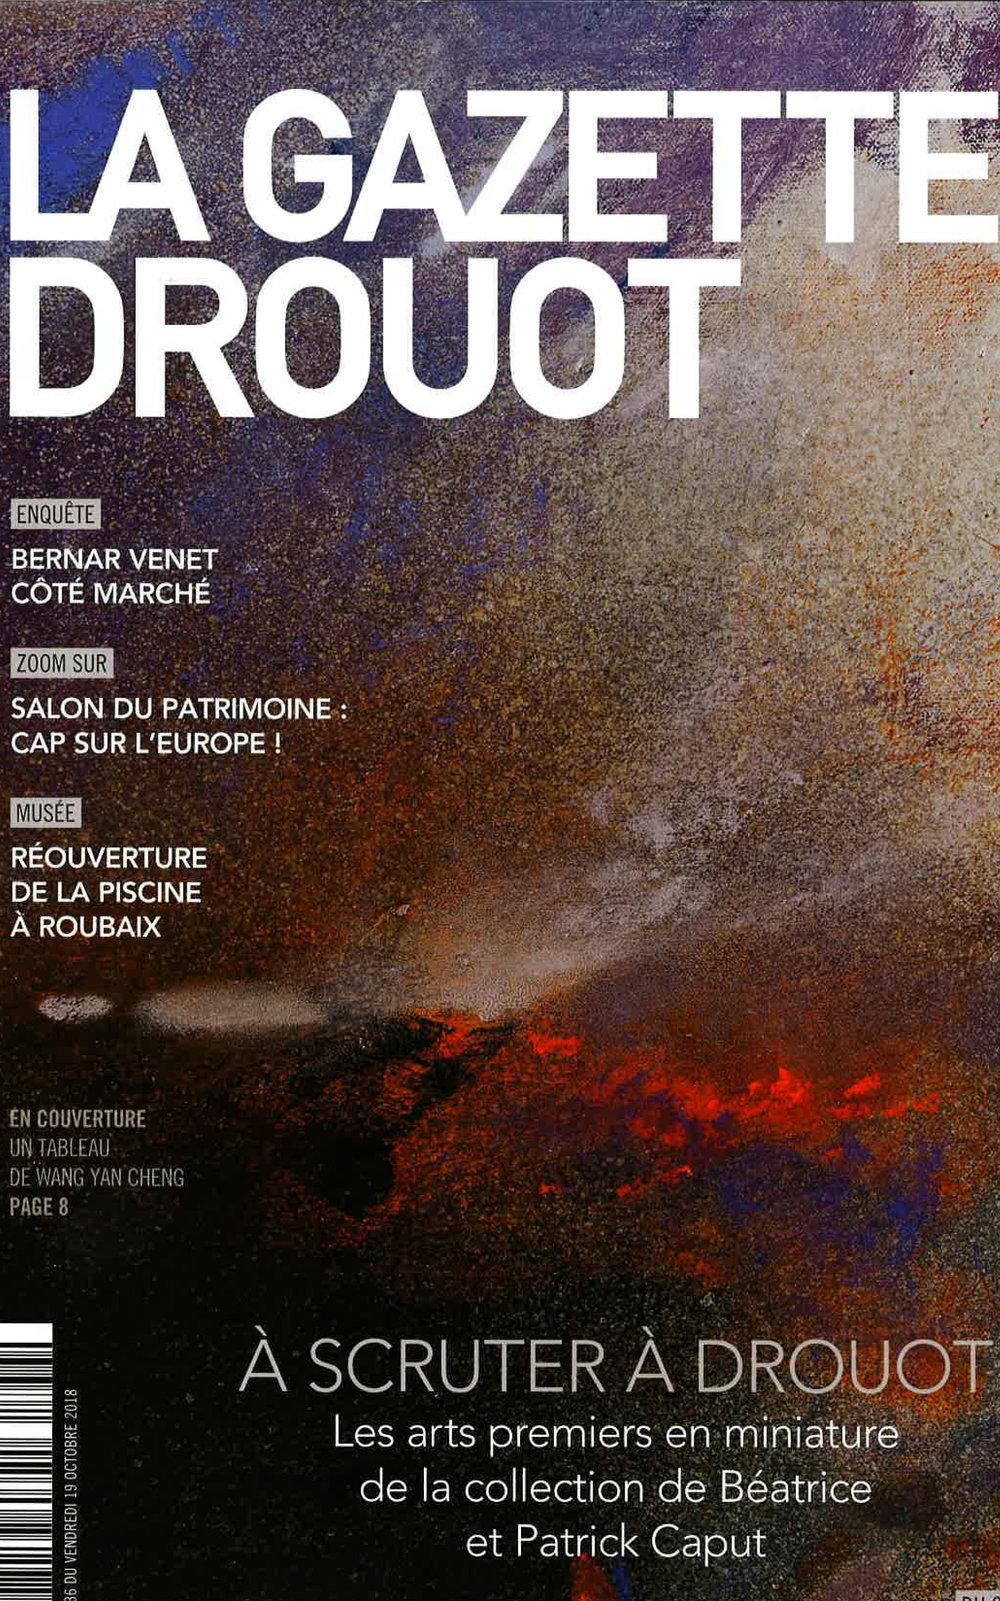 Negropontes - La Gazette Drouot